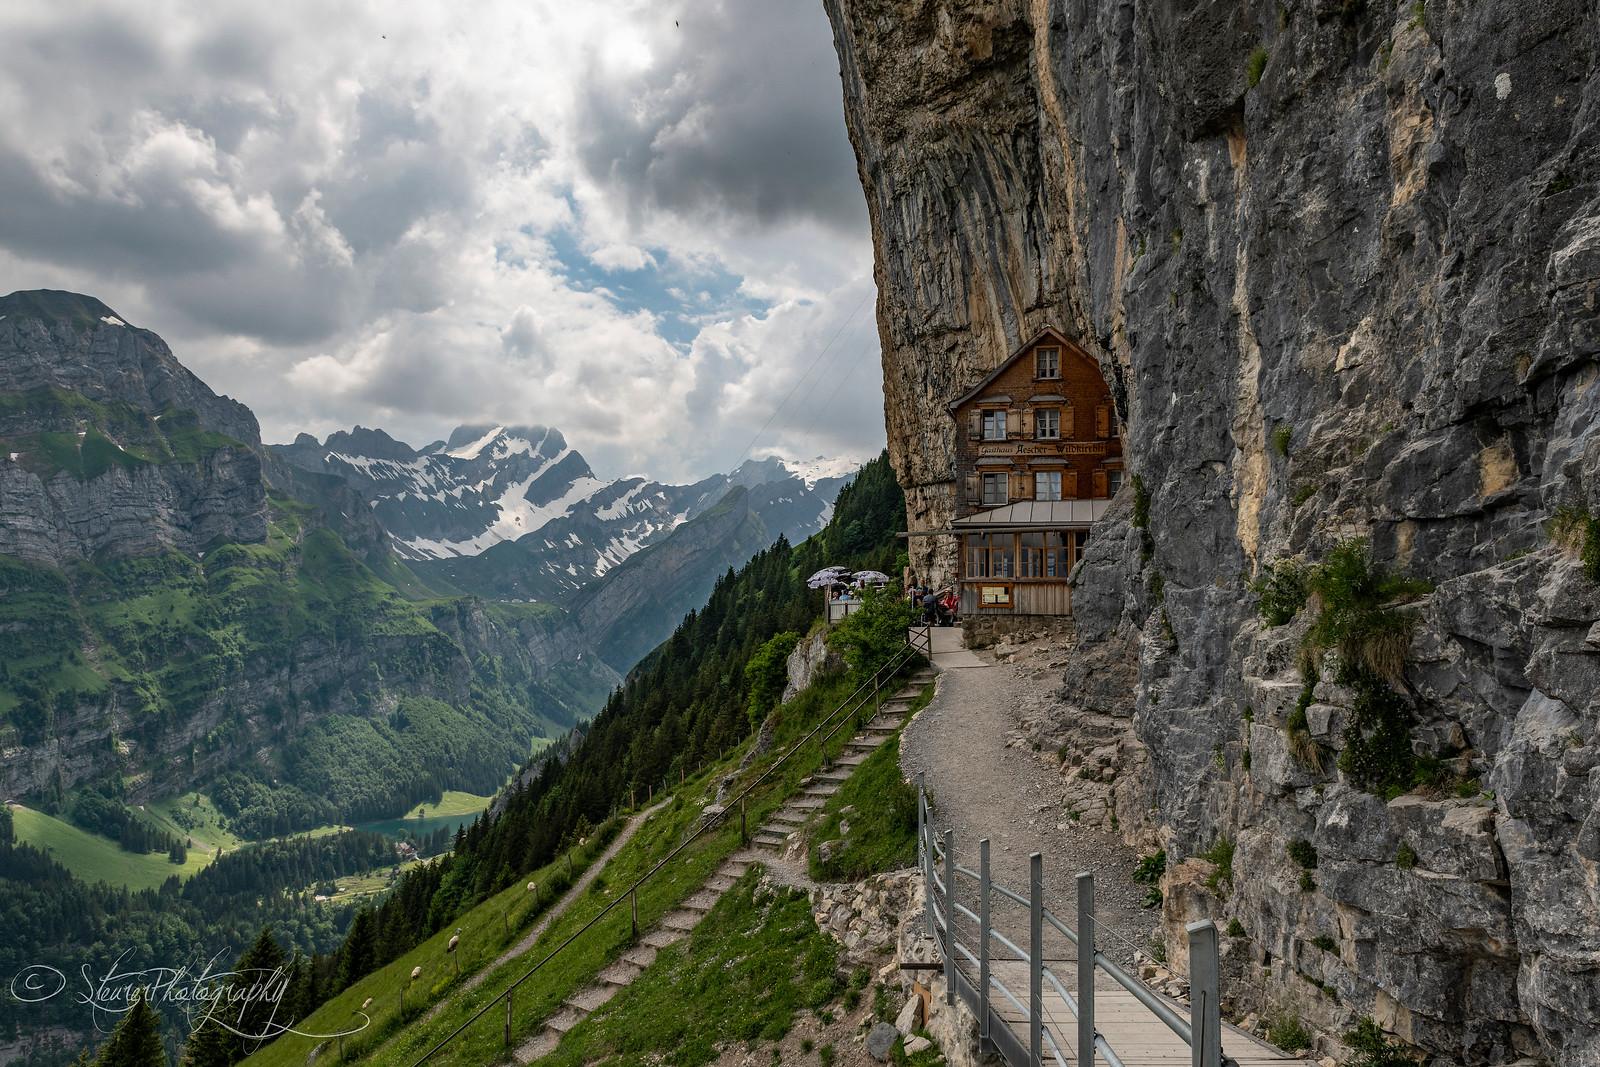 Aescher und Seealpsee, Switzerland 2018